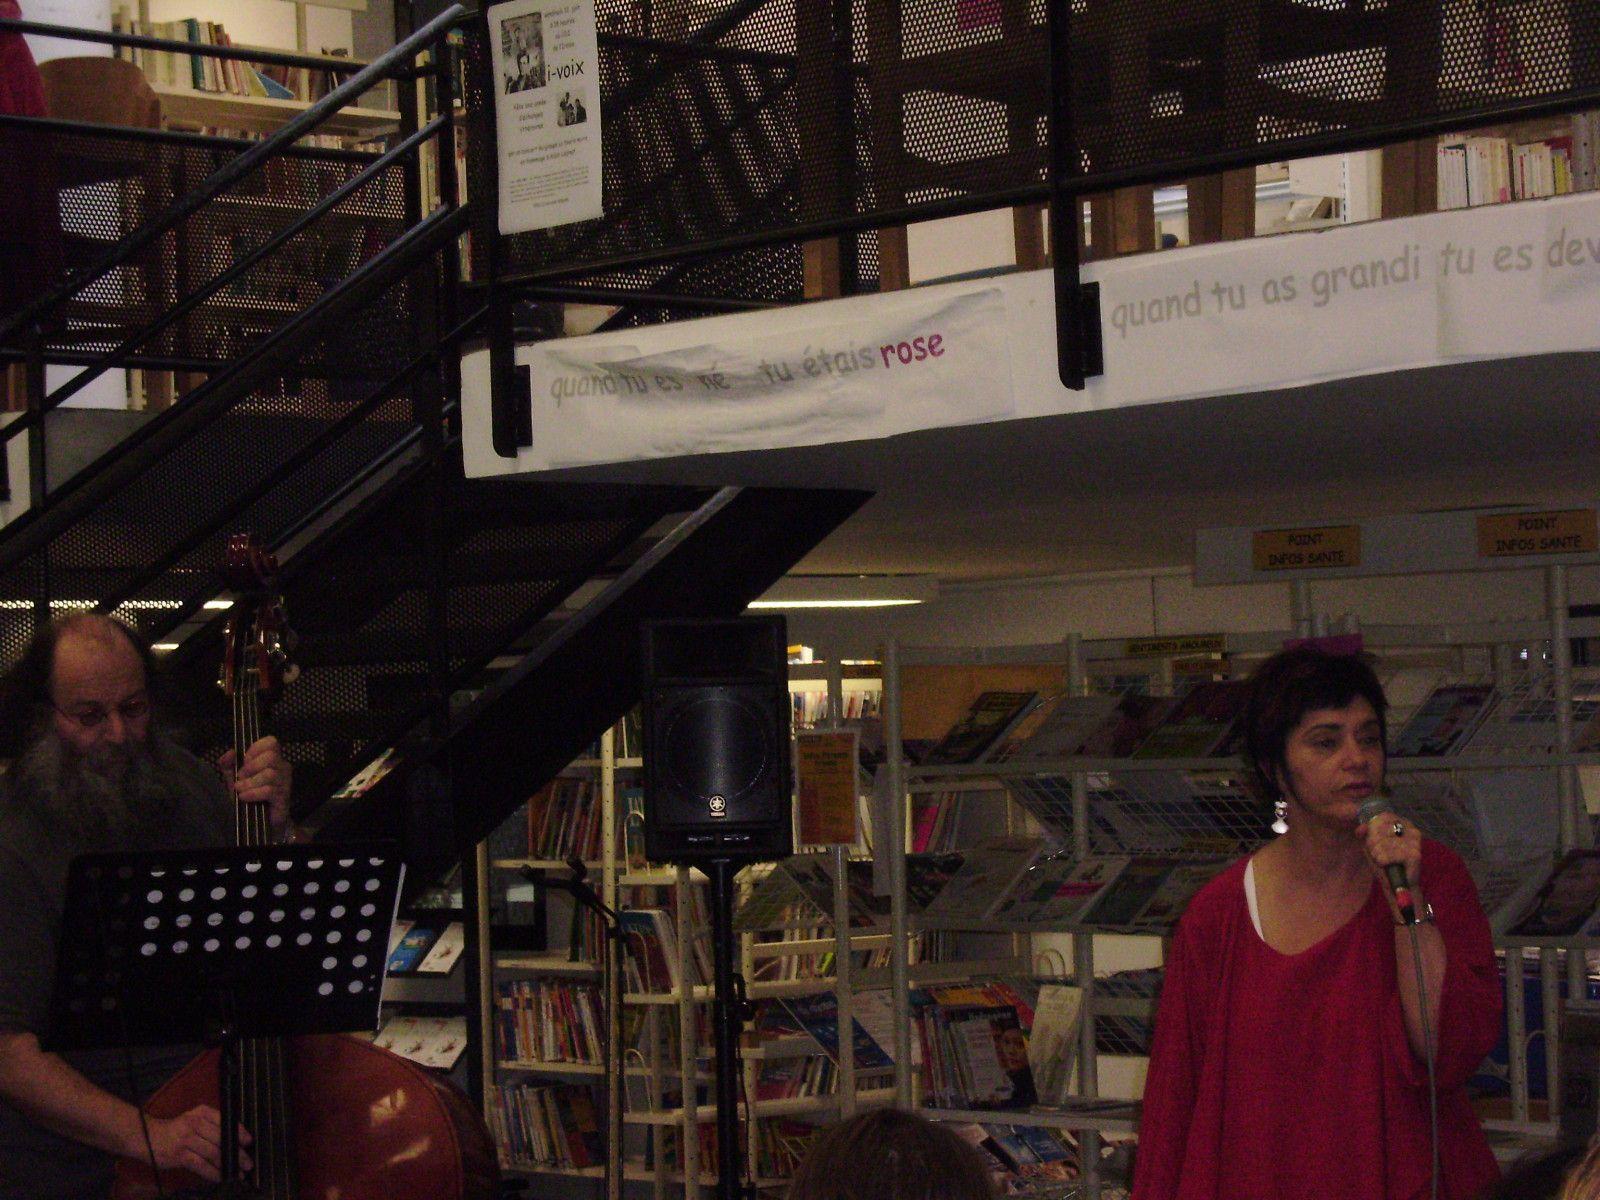 i-voix fête une année d'échanges littéraires avec, au CDI du Lycée de l'Iroise à Brest, un concert de La Souris noire en hommage à Allain Leprest